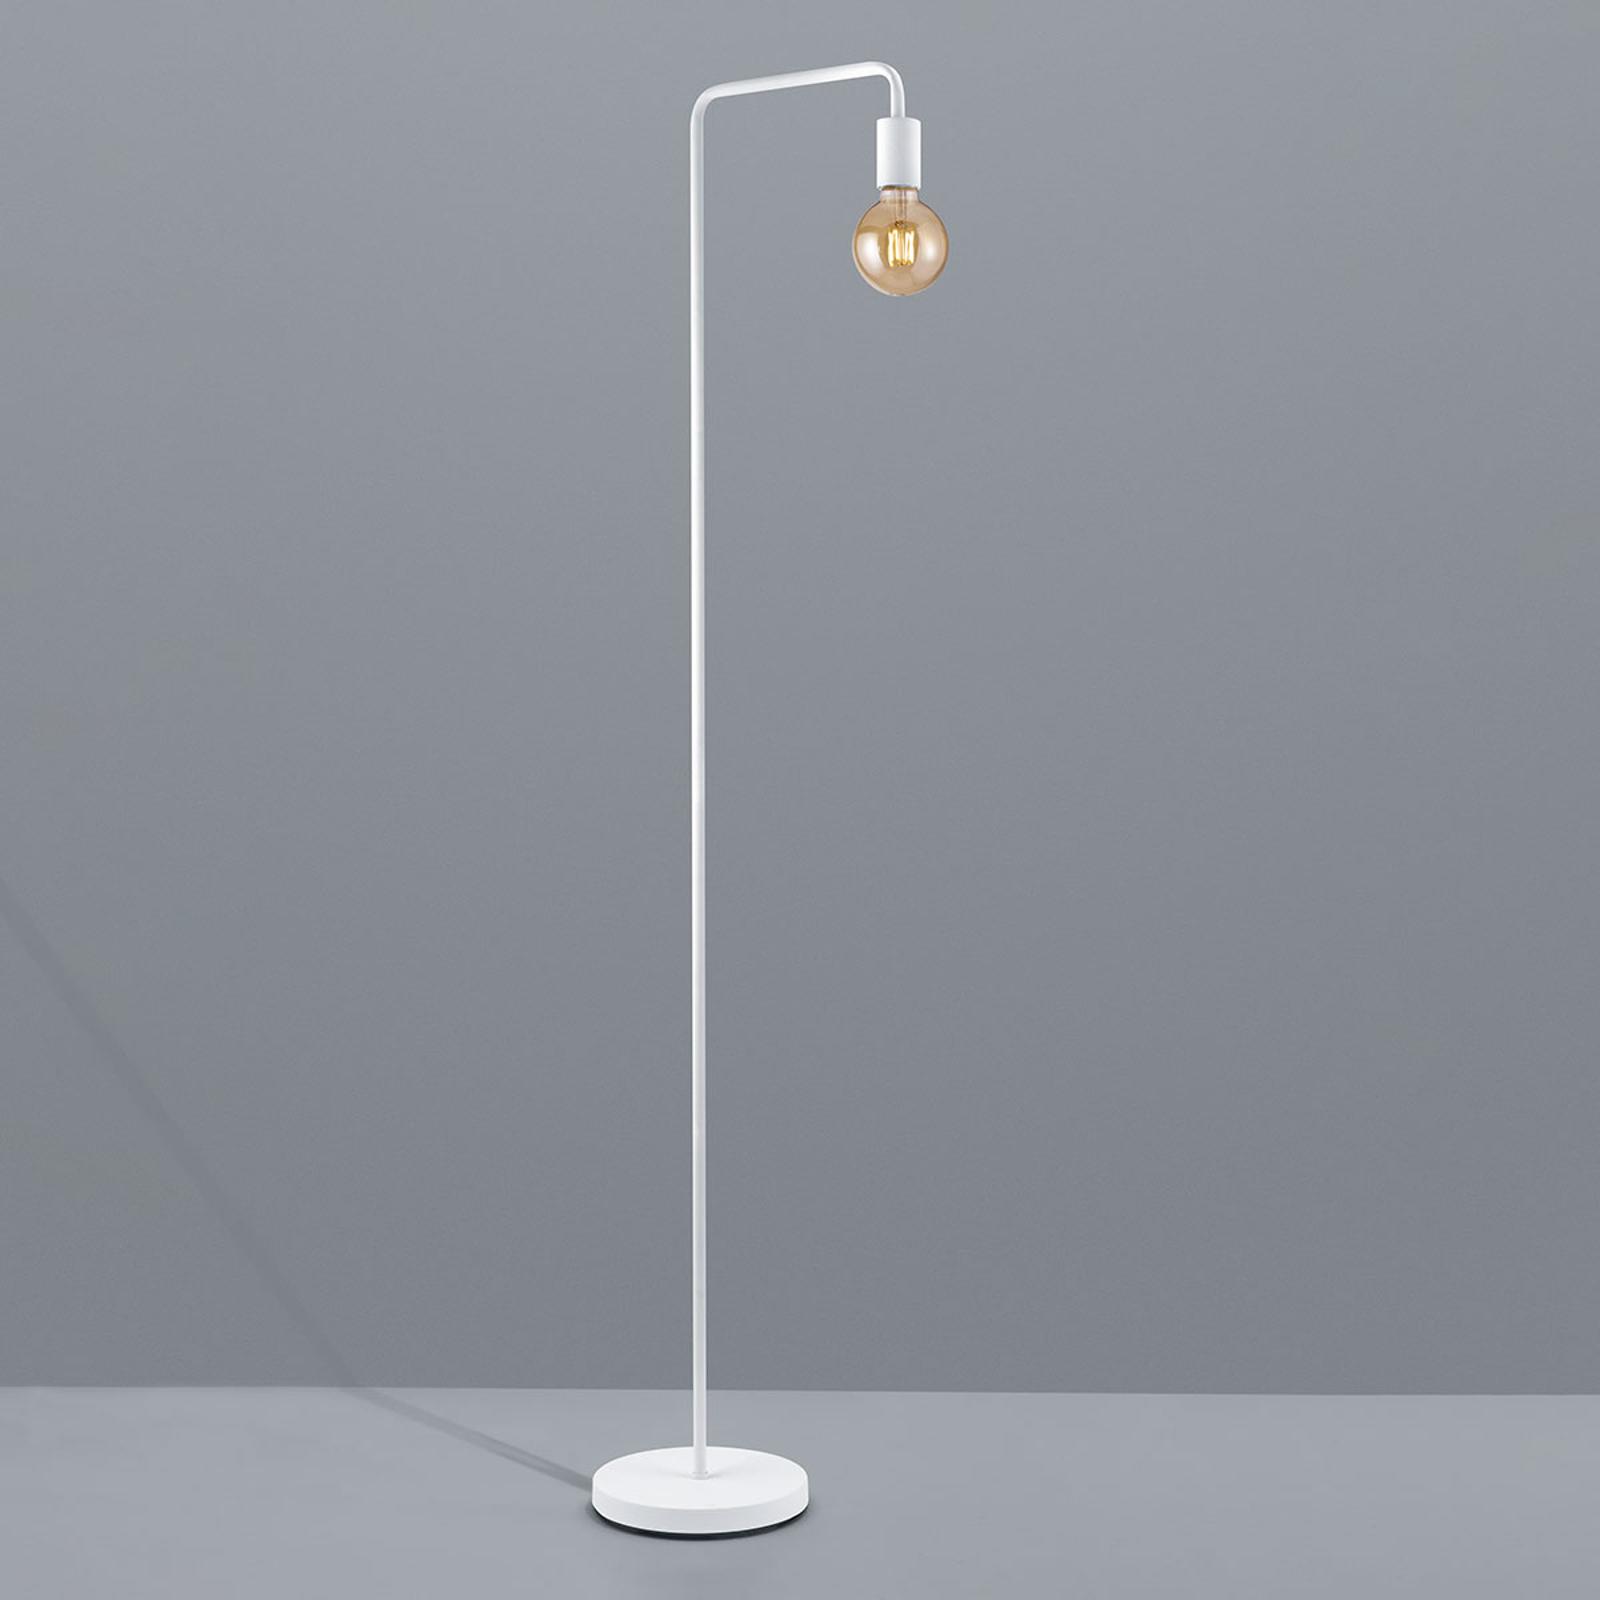 Lampa stojąca Diallo bez klosza, biały matowy